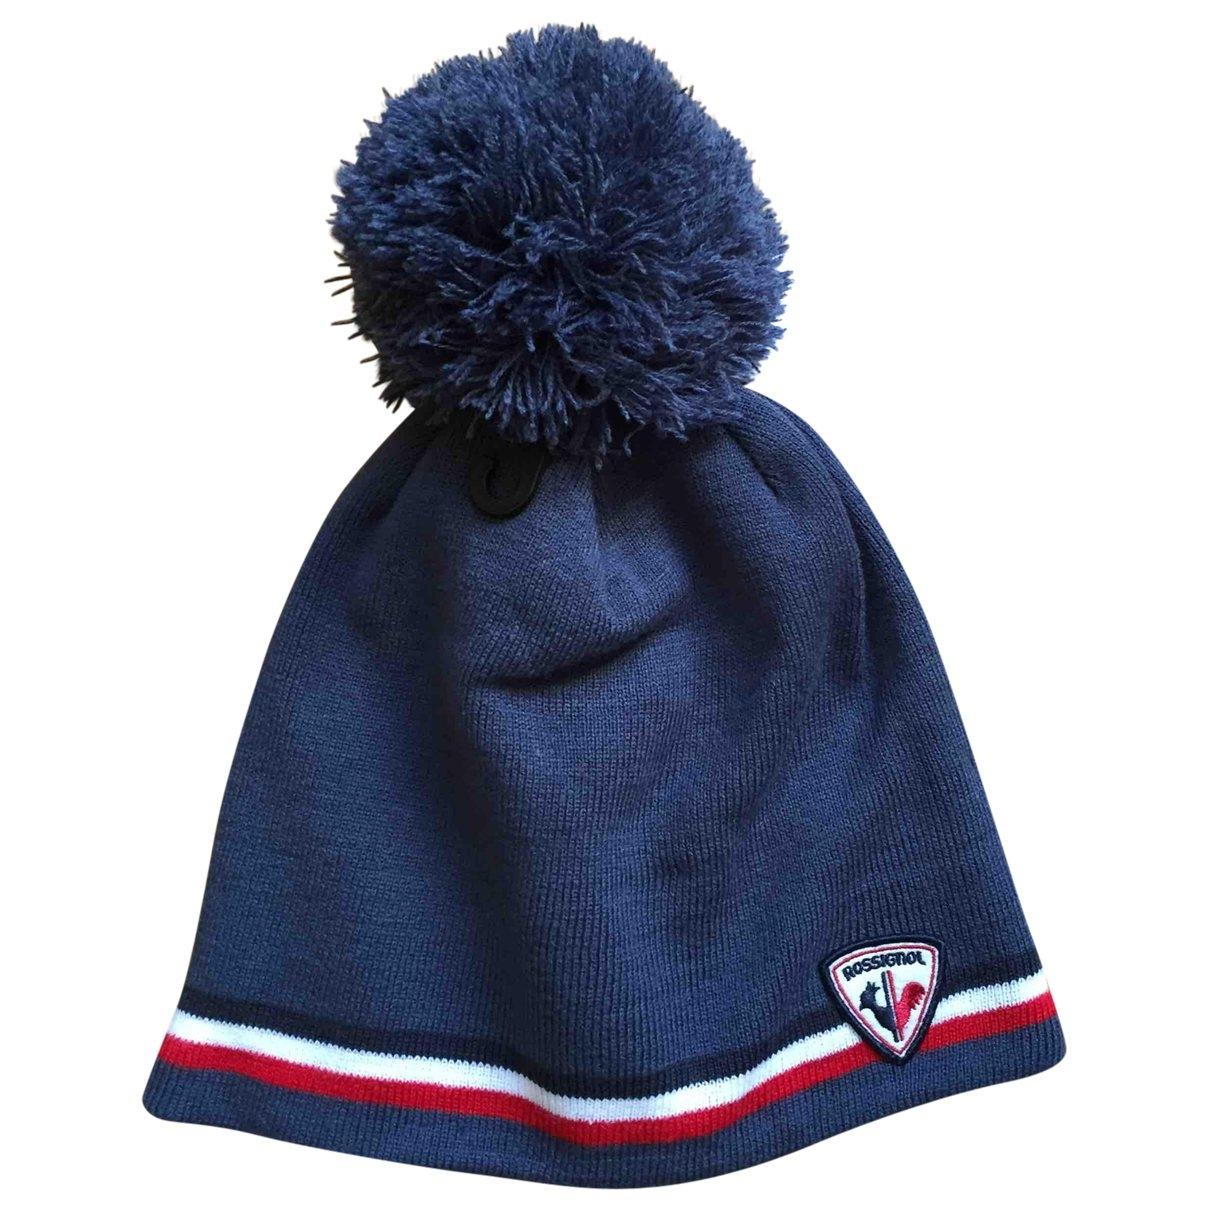 Rossignol - Chapeau & Bonnets   pour homme - bleu